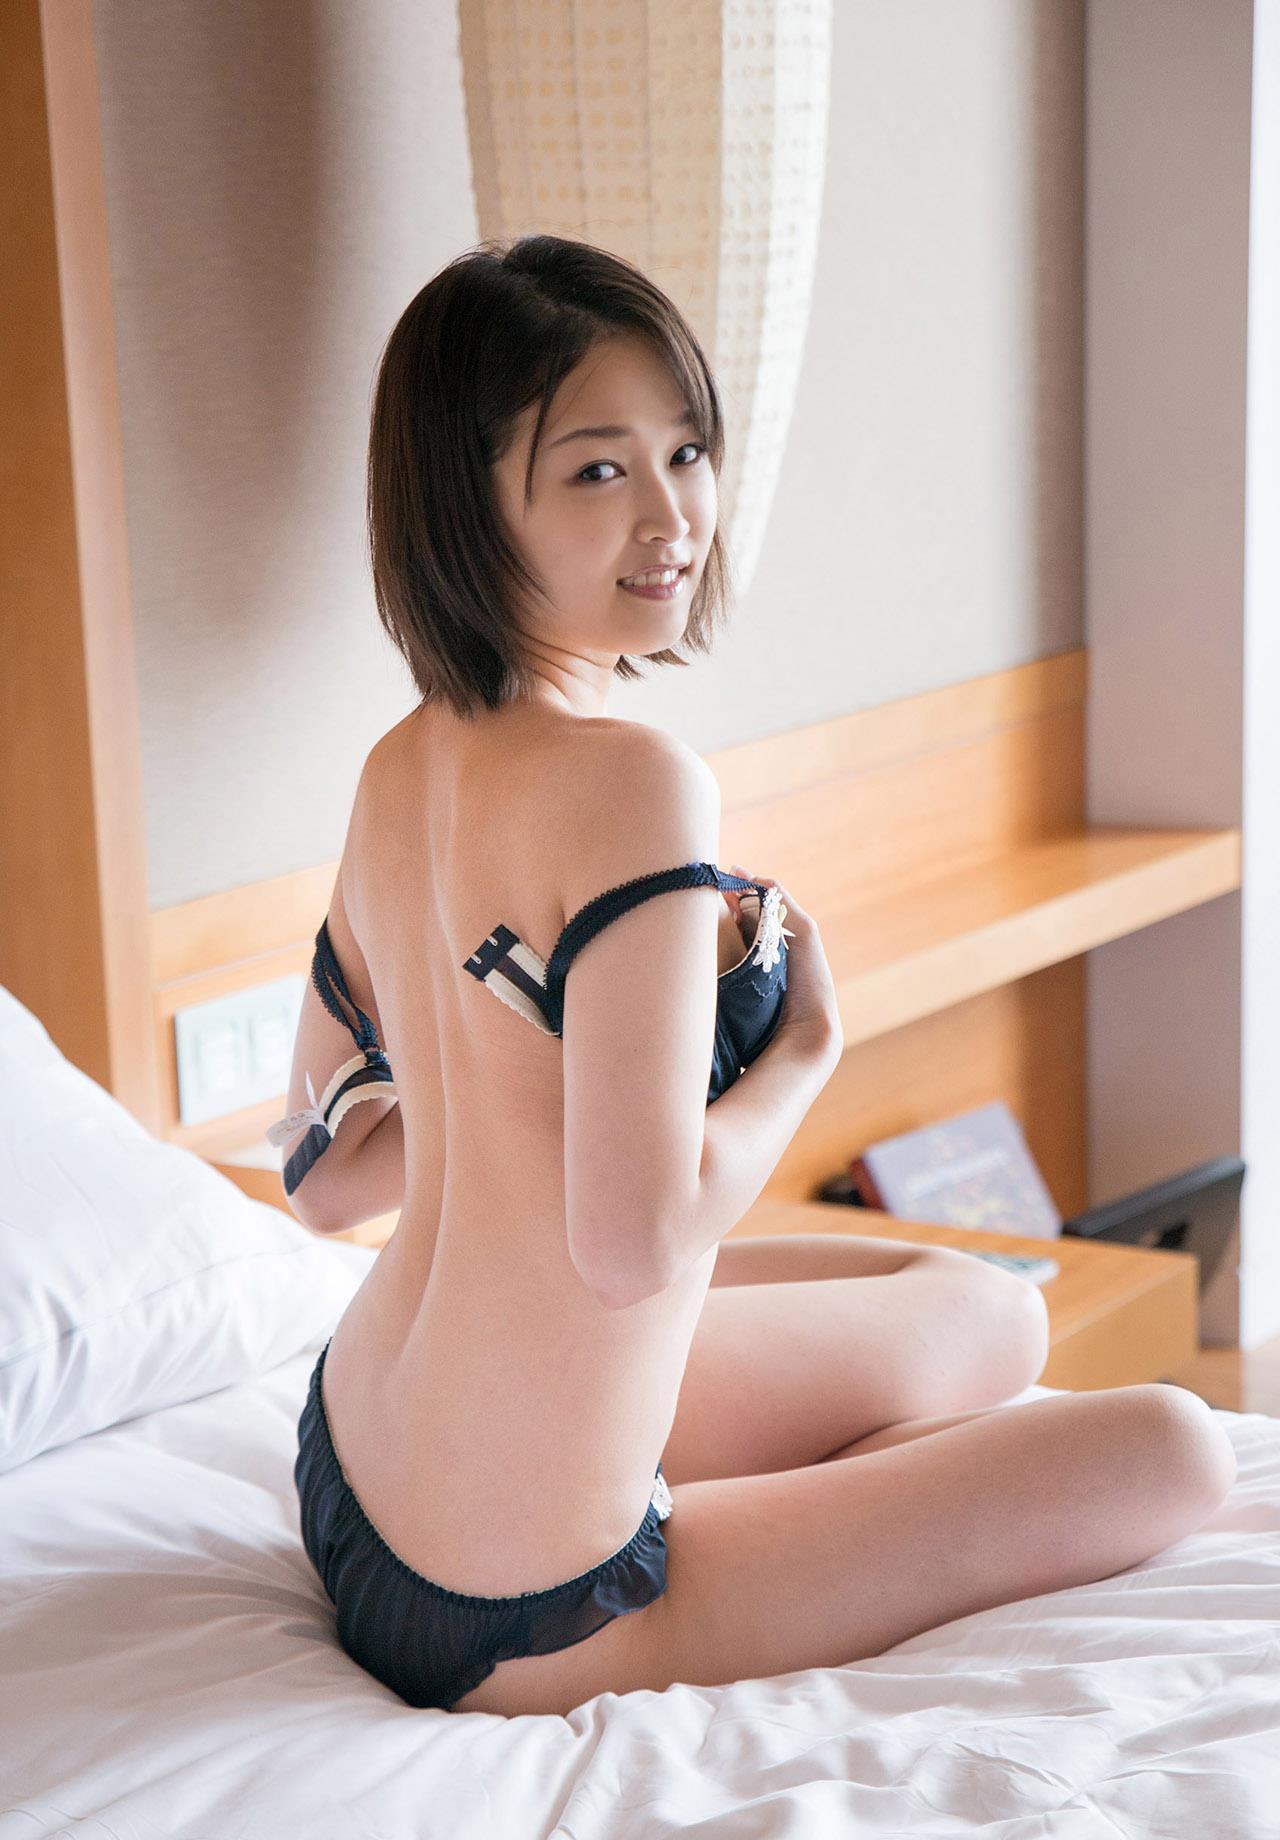 竹内真琴 画像 76